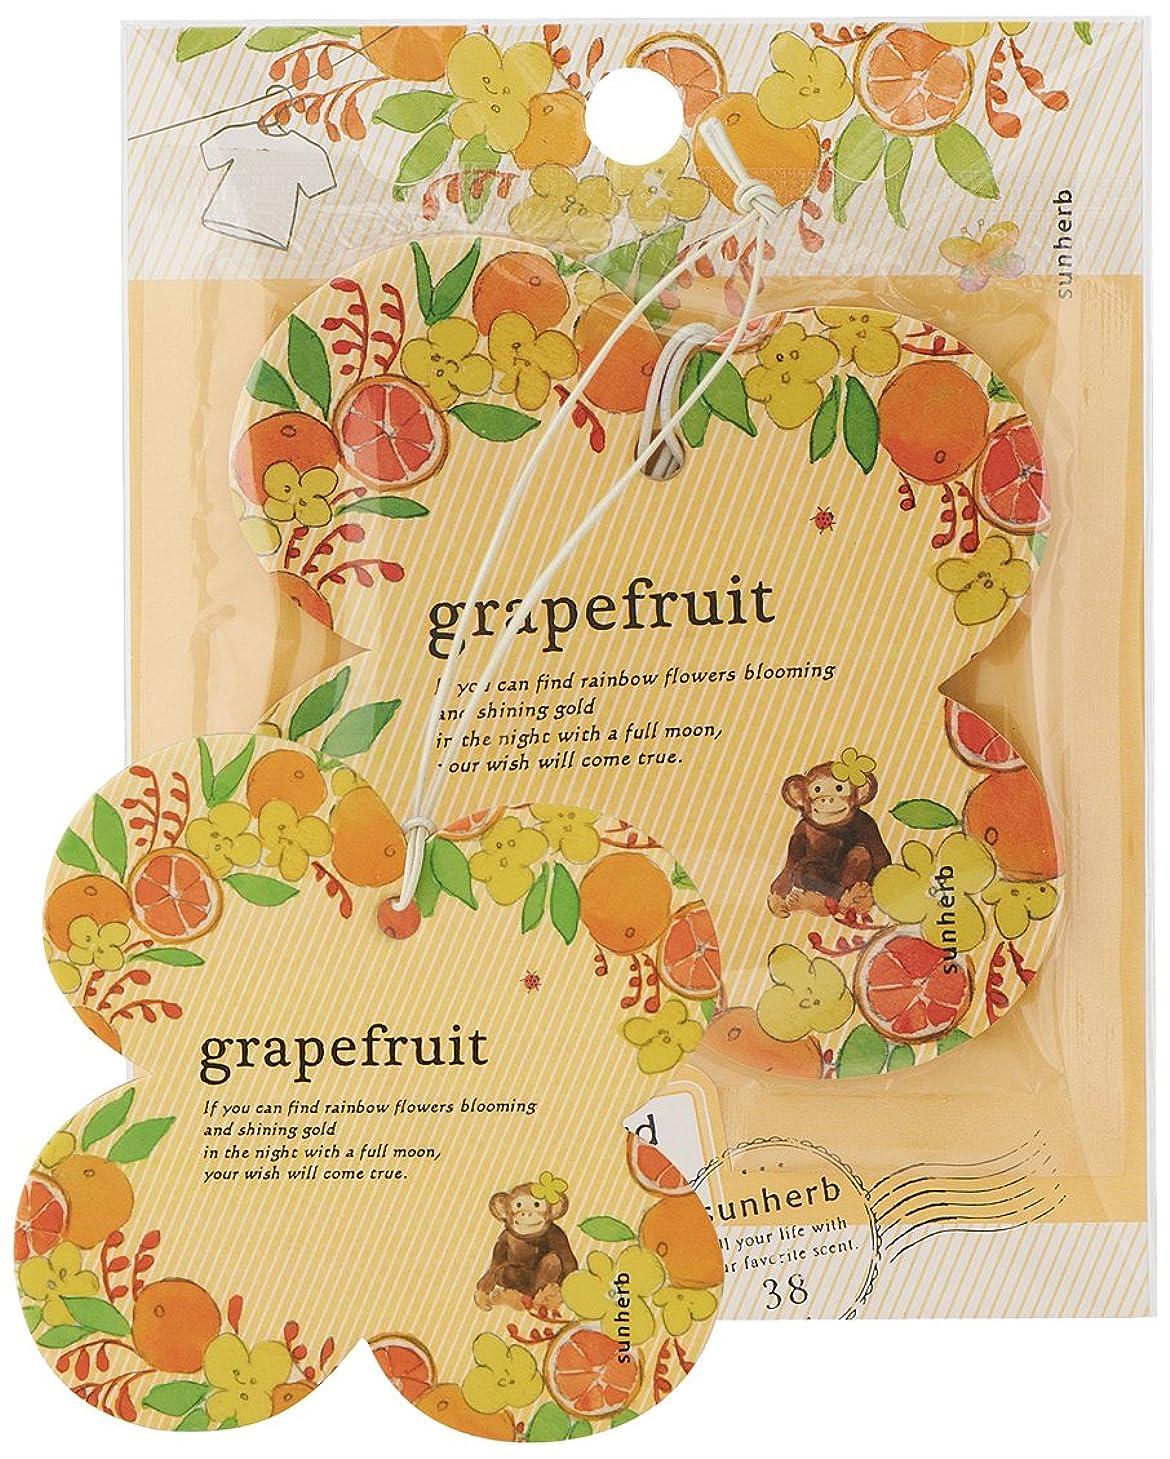 お肉修道院適合するサンハーブ フレグランスカード グレープフルーツ 12個(芳香剤 エアフレッシュナー シャキっとまぶしい柑橘系の香り)